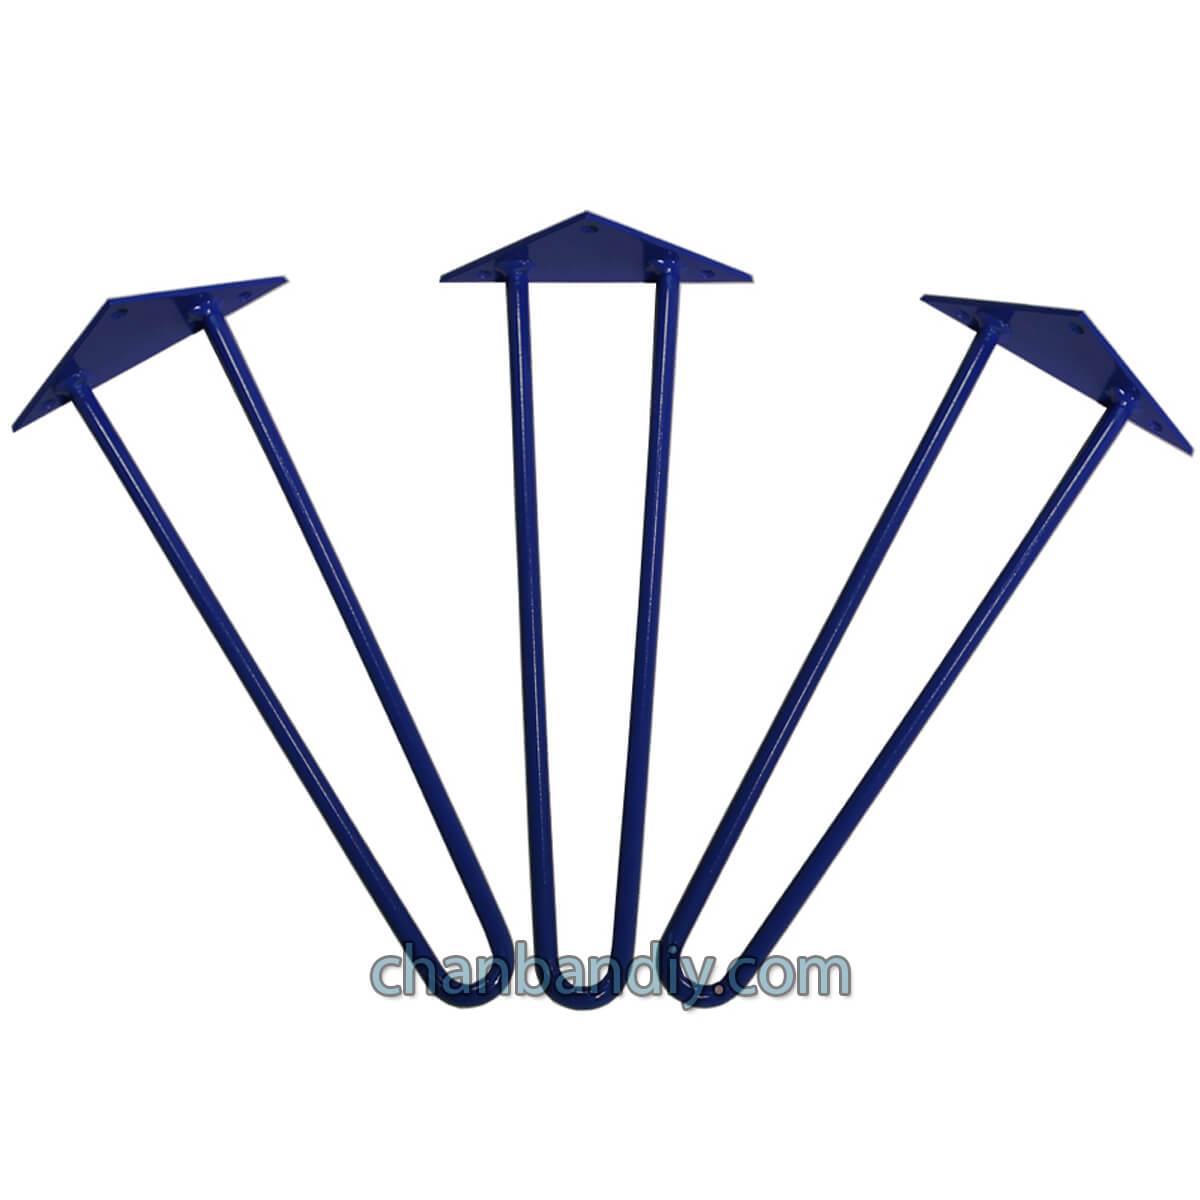 Chân Hairpin 40cm Xanh 1